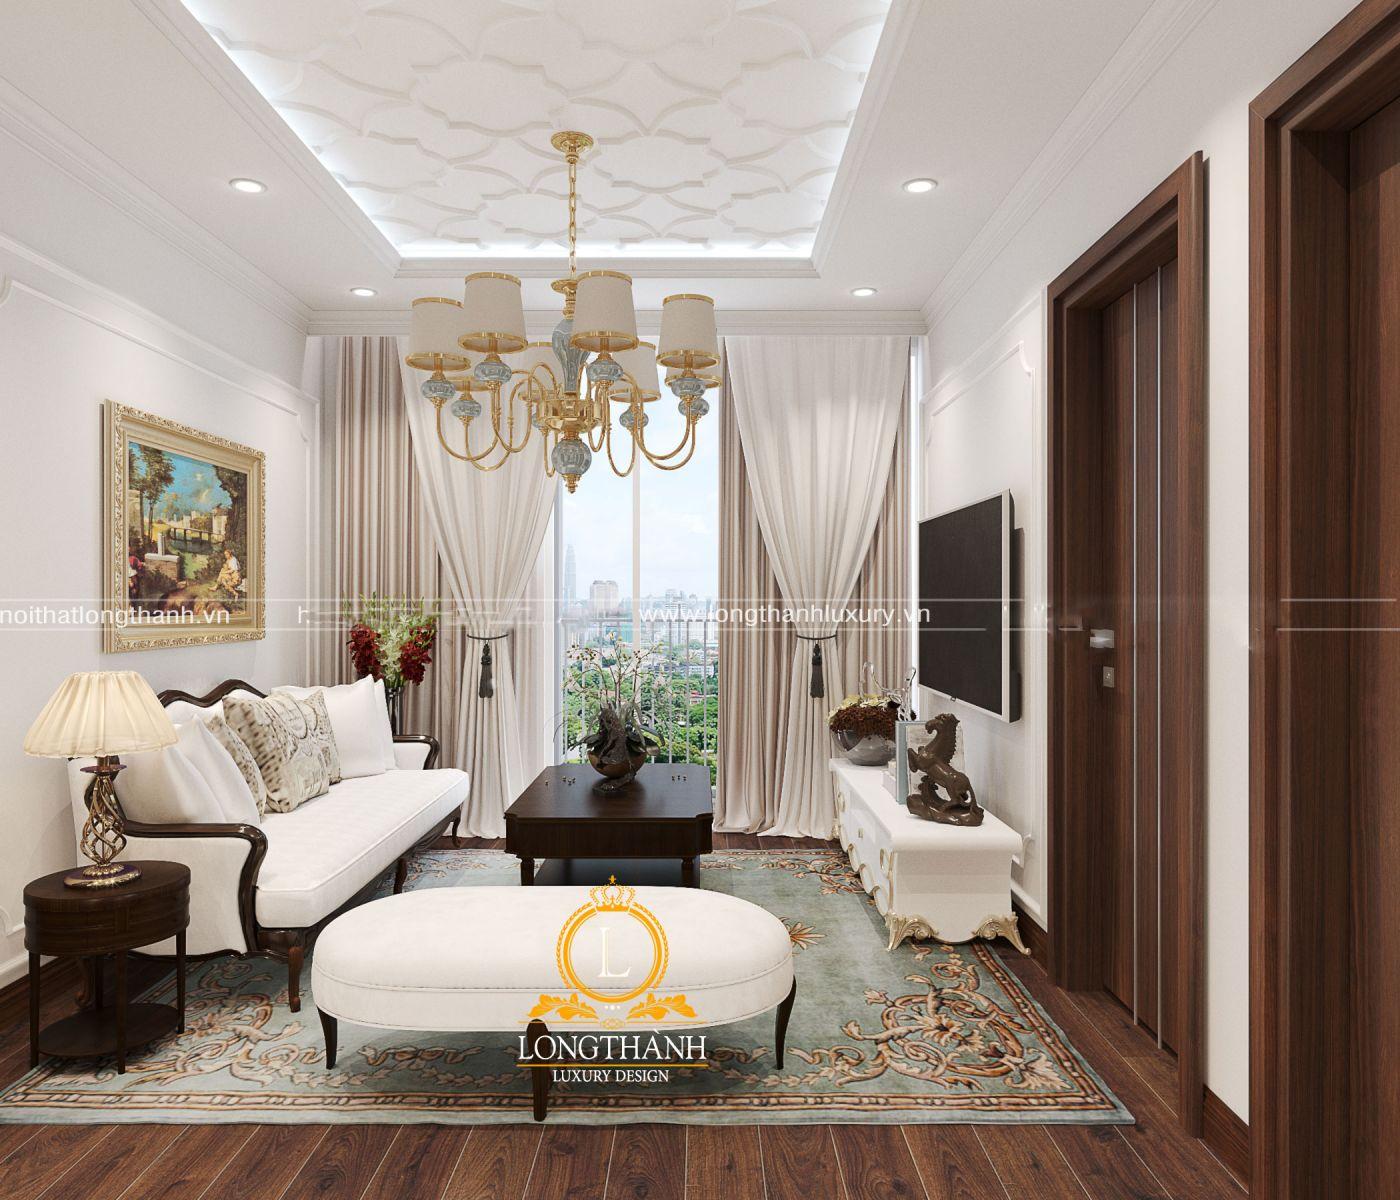 Thiết kế nội thất tân cổ điển cho chung cư vừa và nhỏ